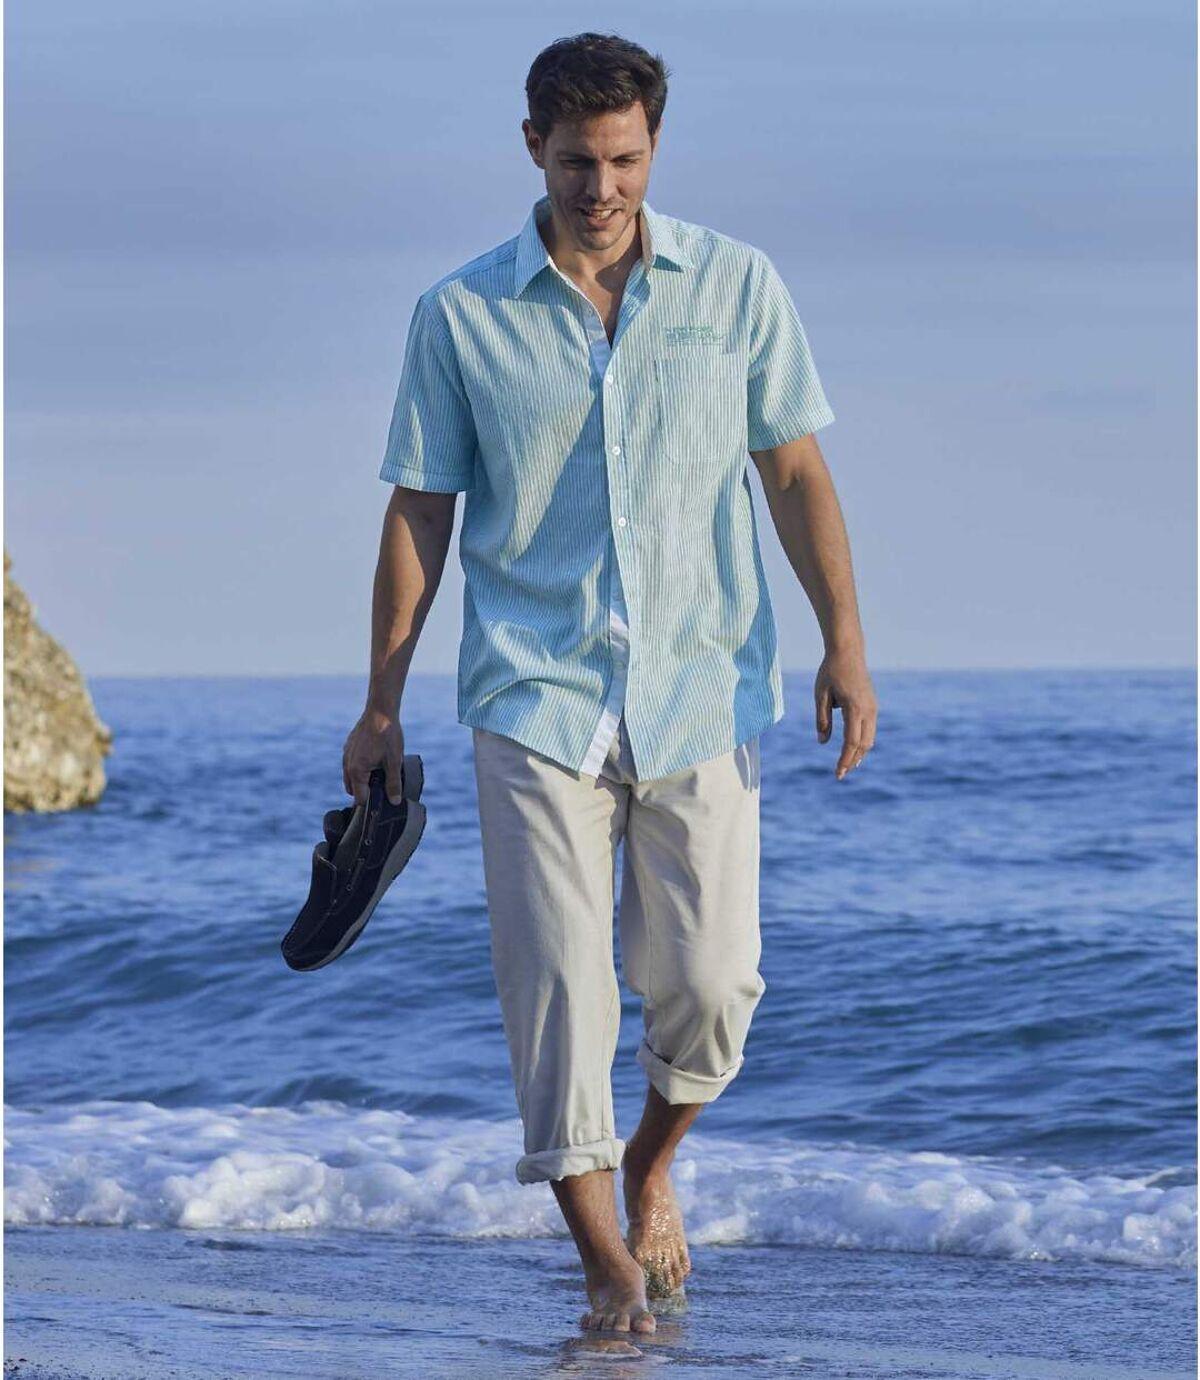 Men's Ocean Blue Striped Shirt Atlas For Men